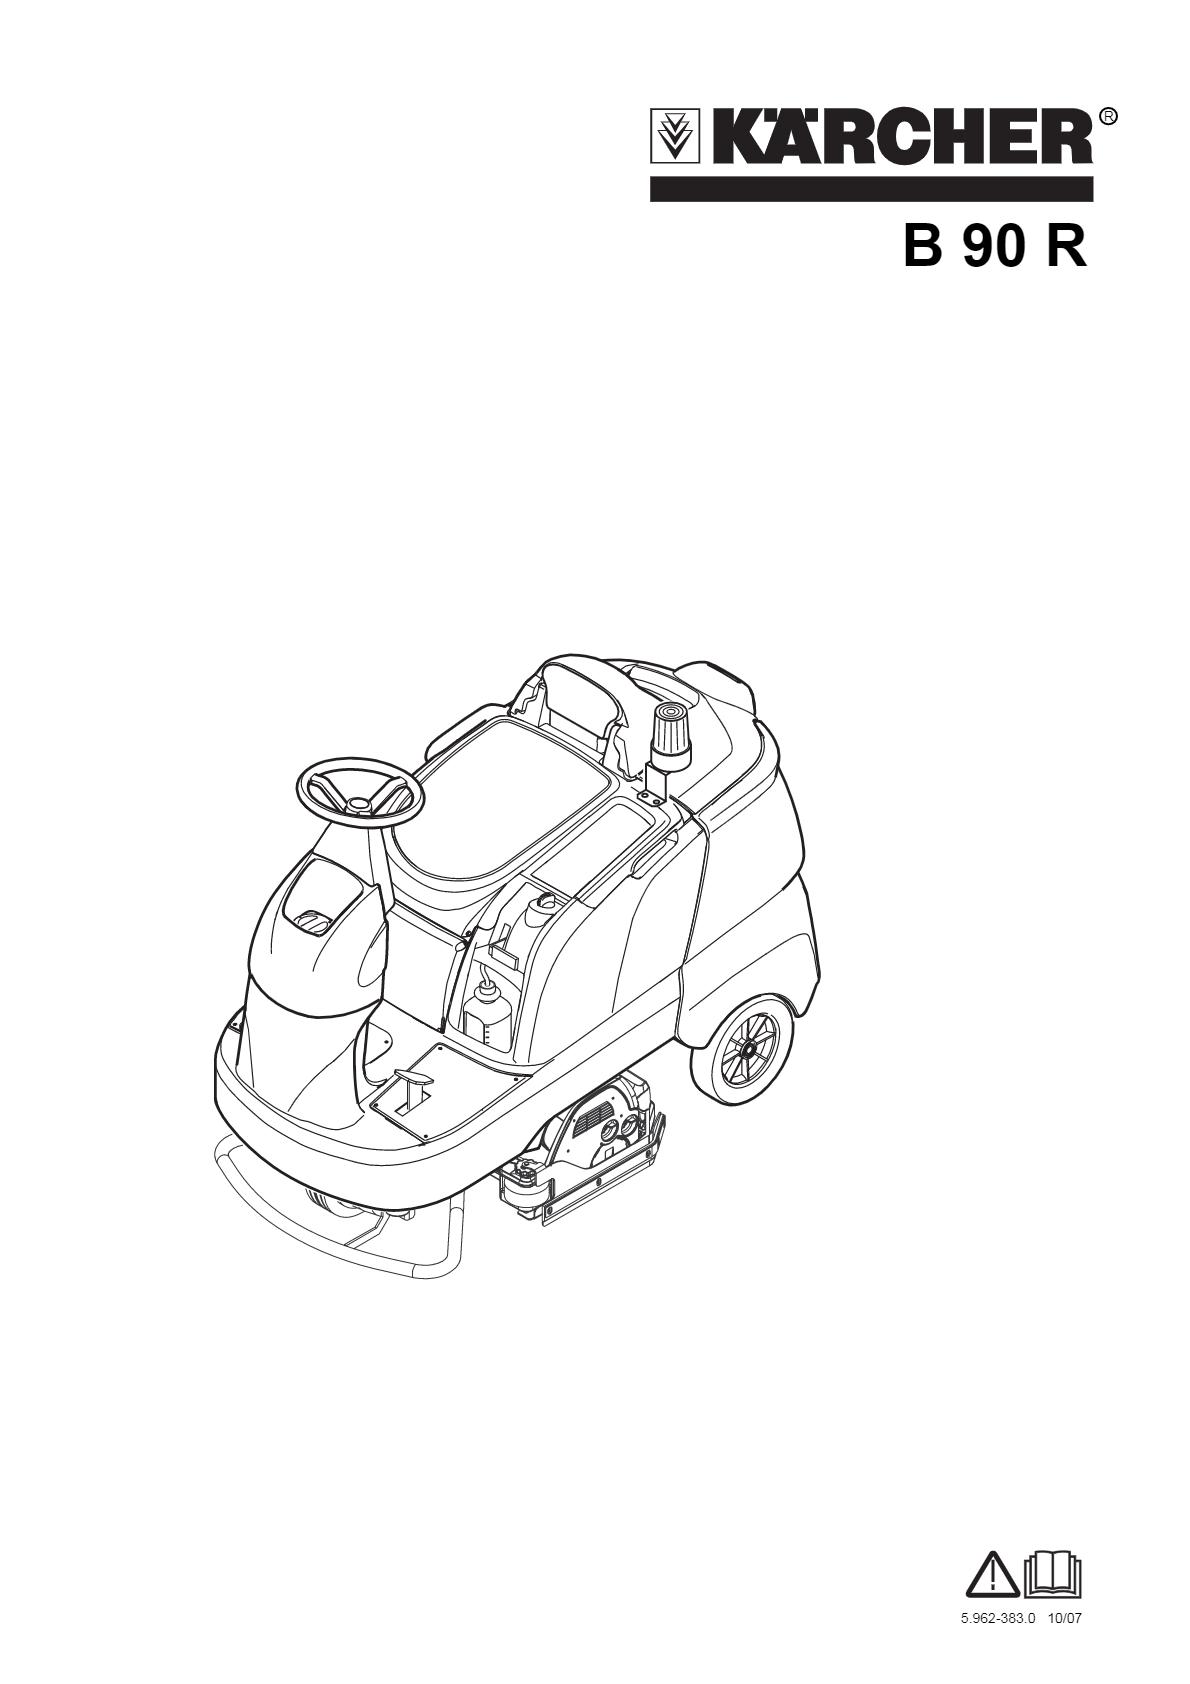 洗地吸干机 B 90 R 说明书说明书下载